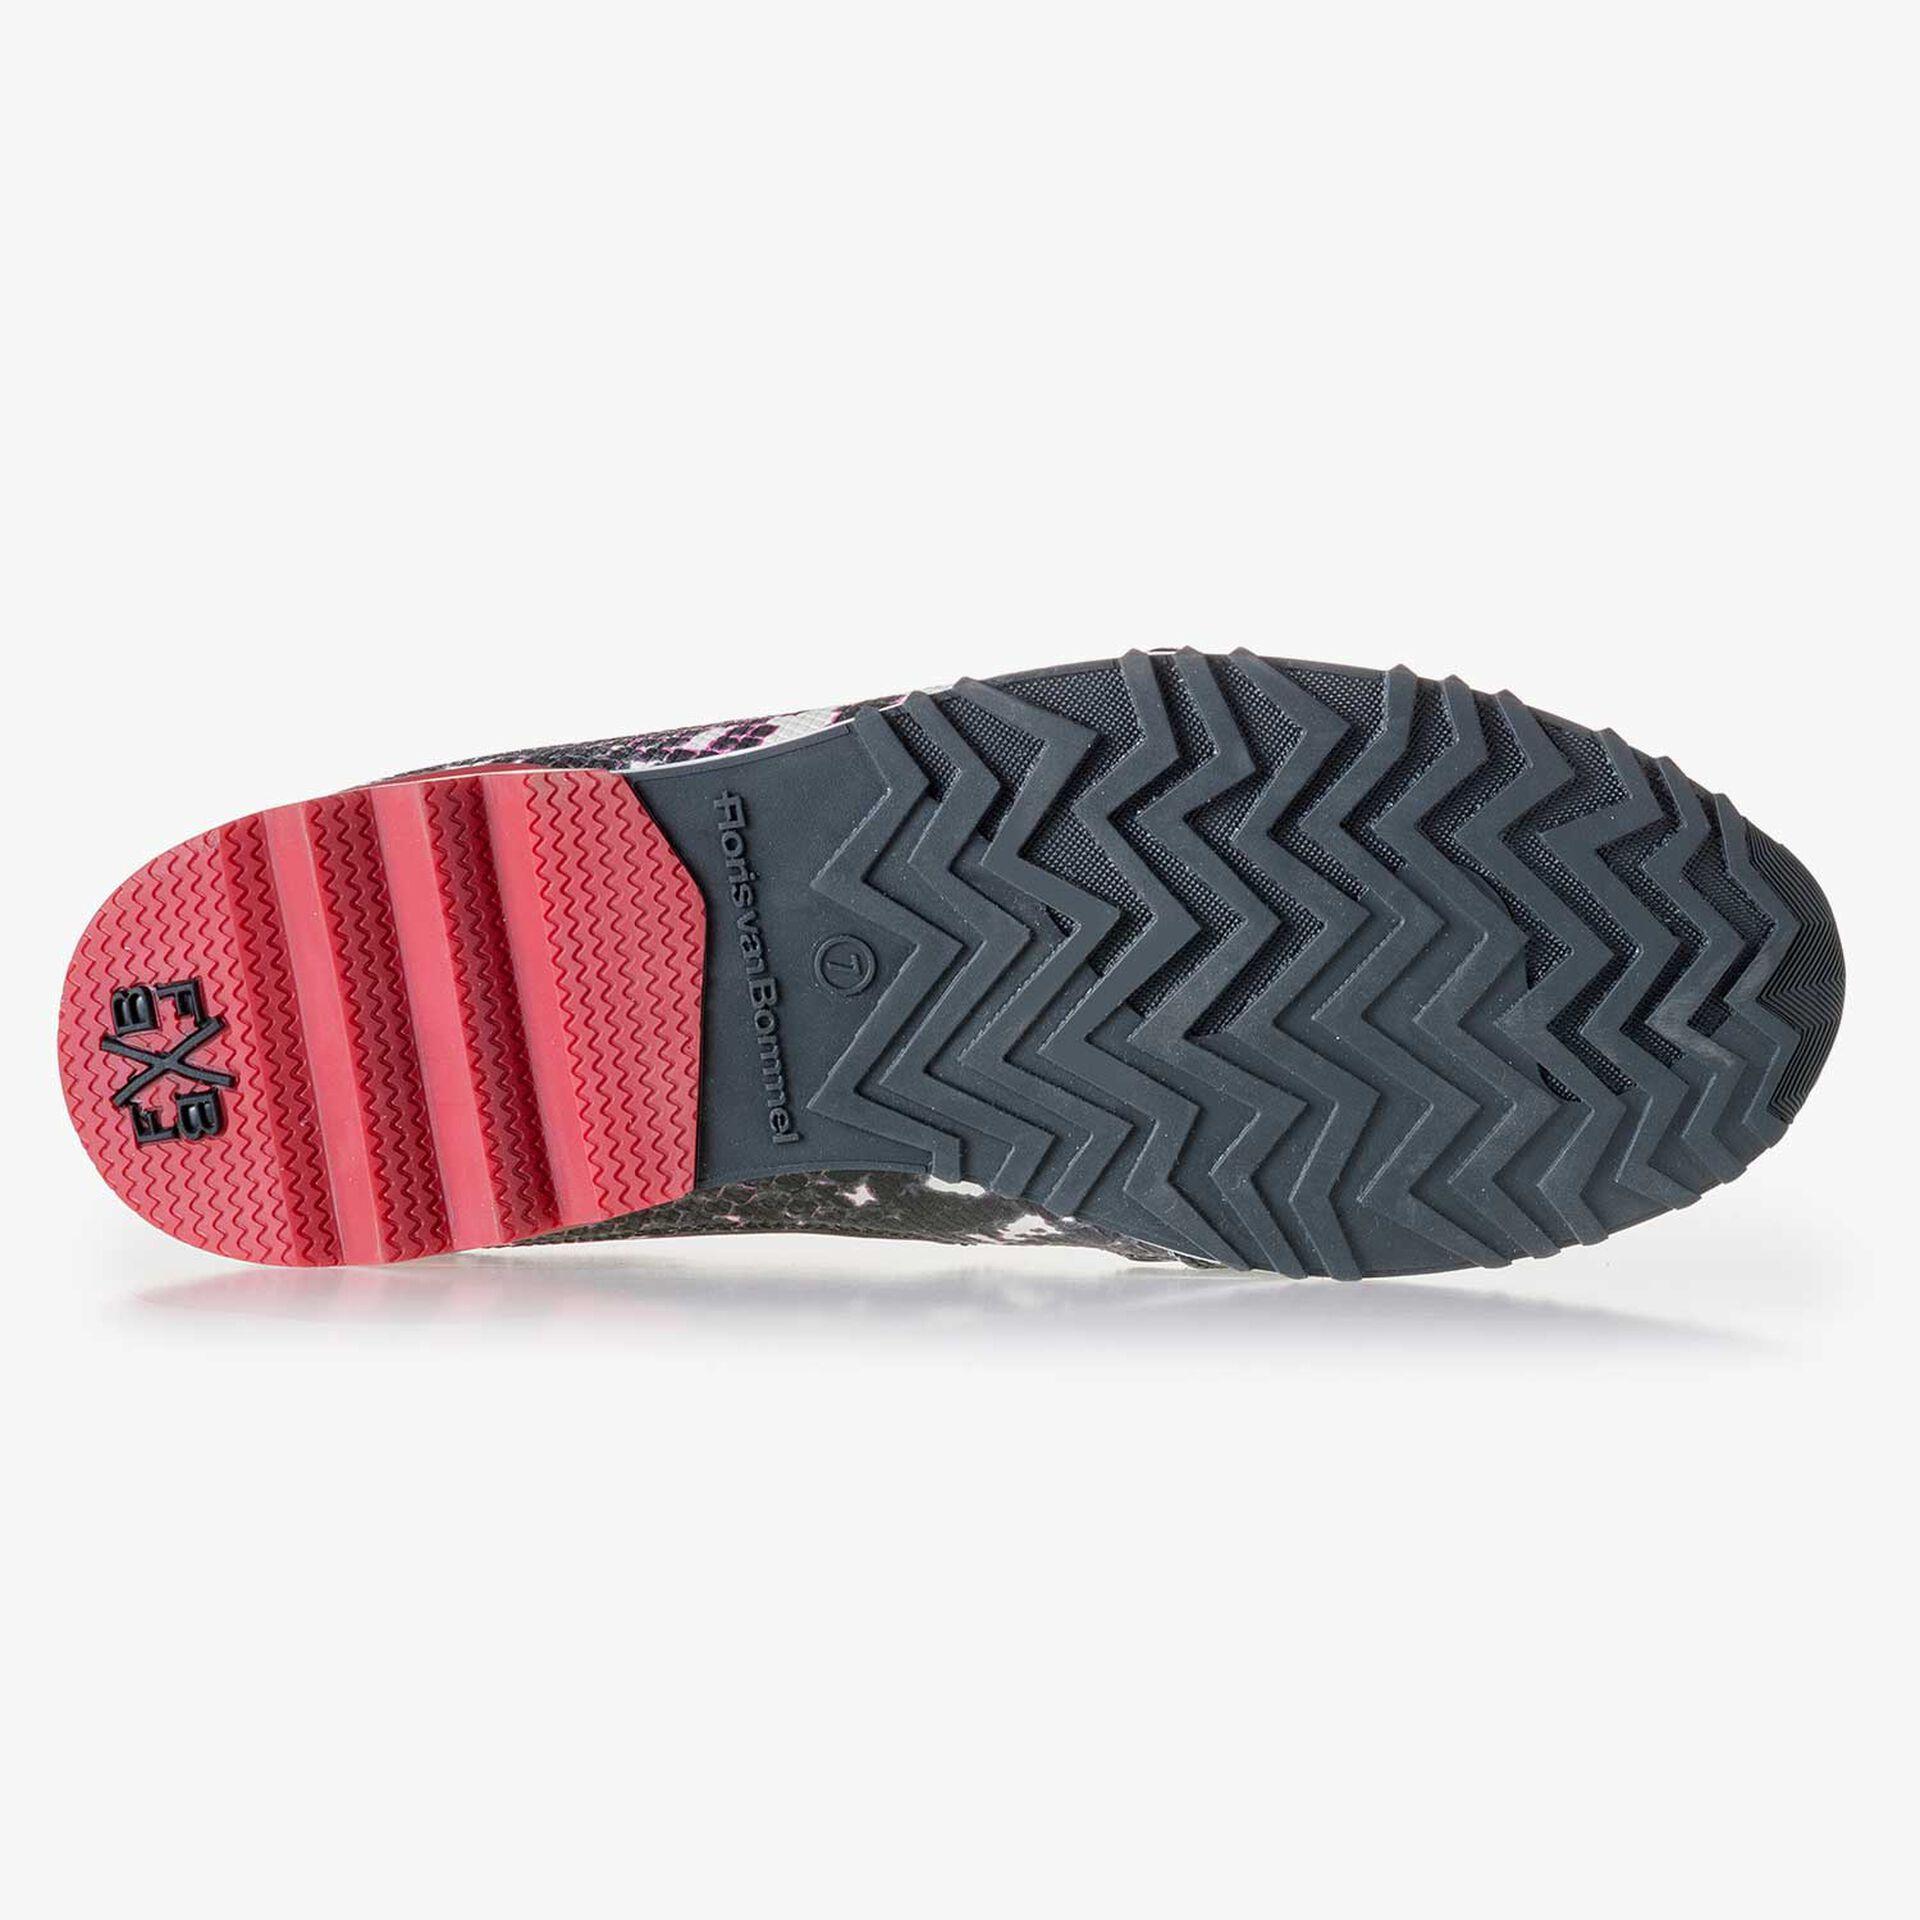 Witte leren sneaker met zwarte snakeprint